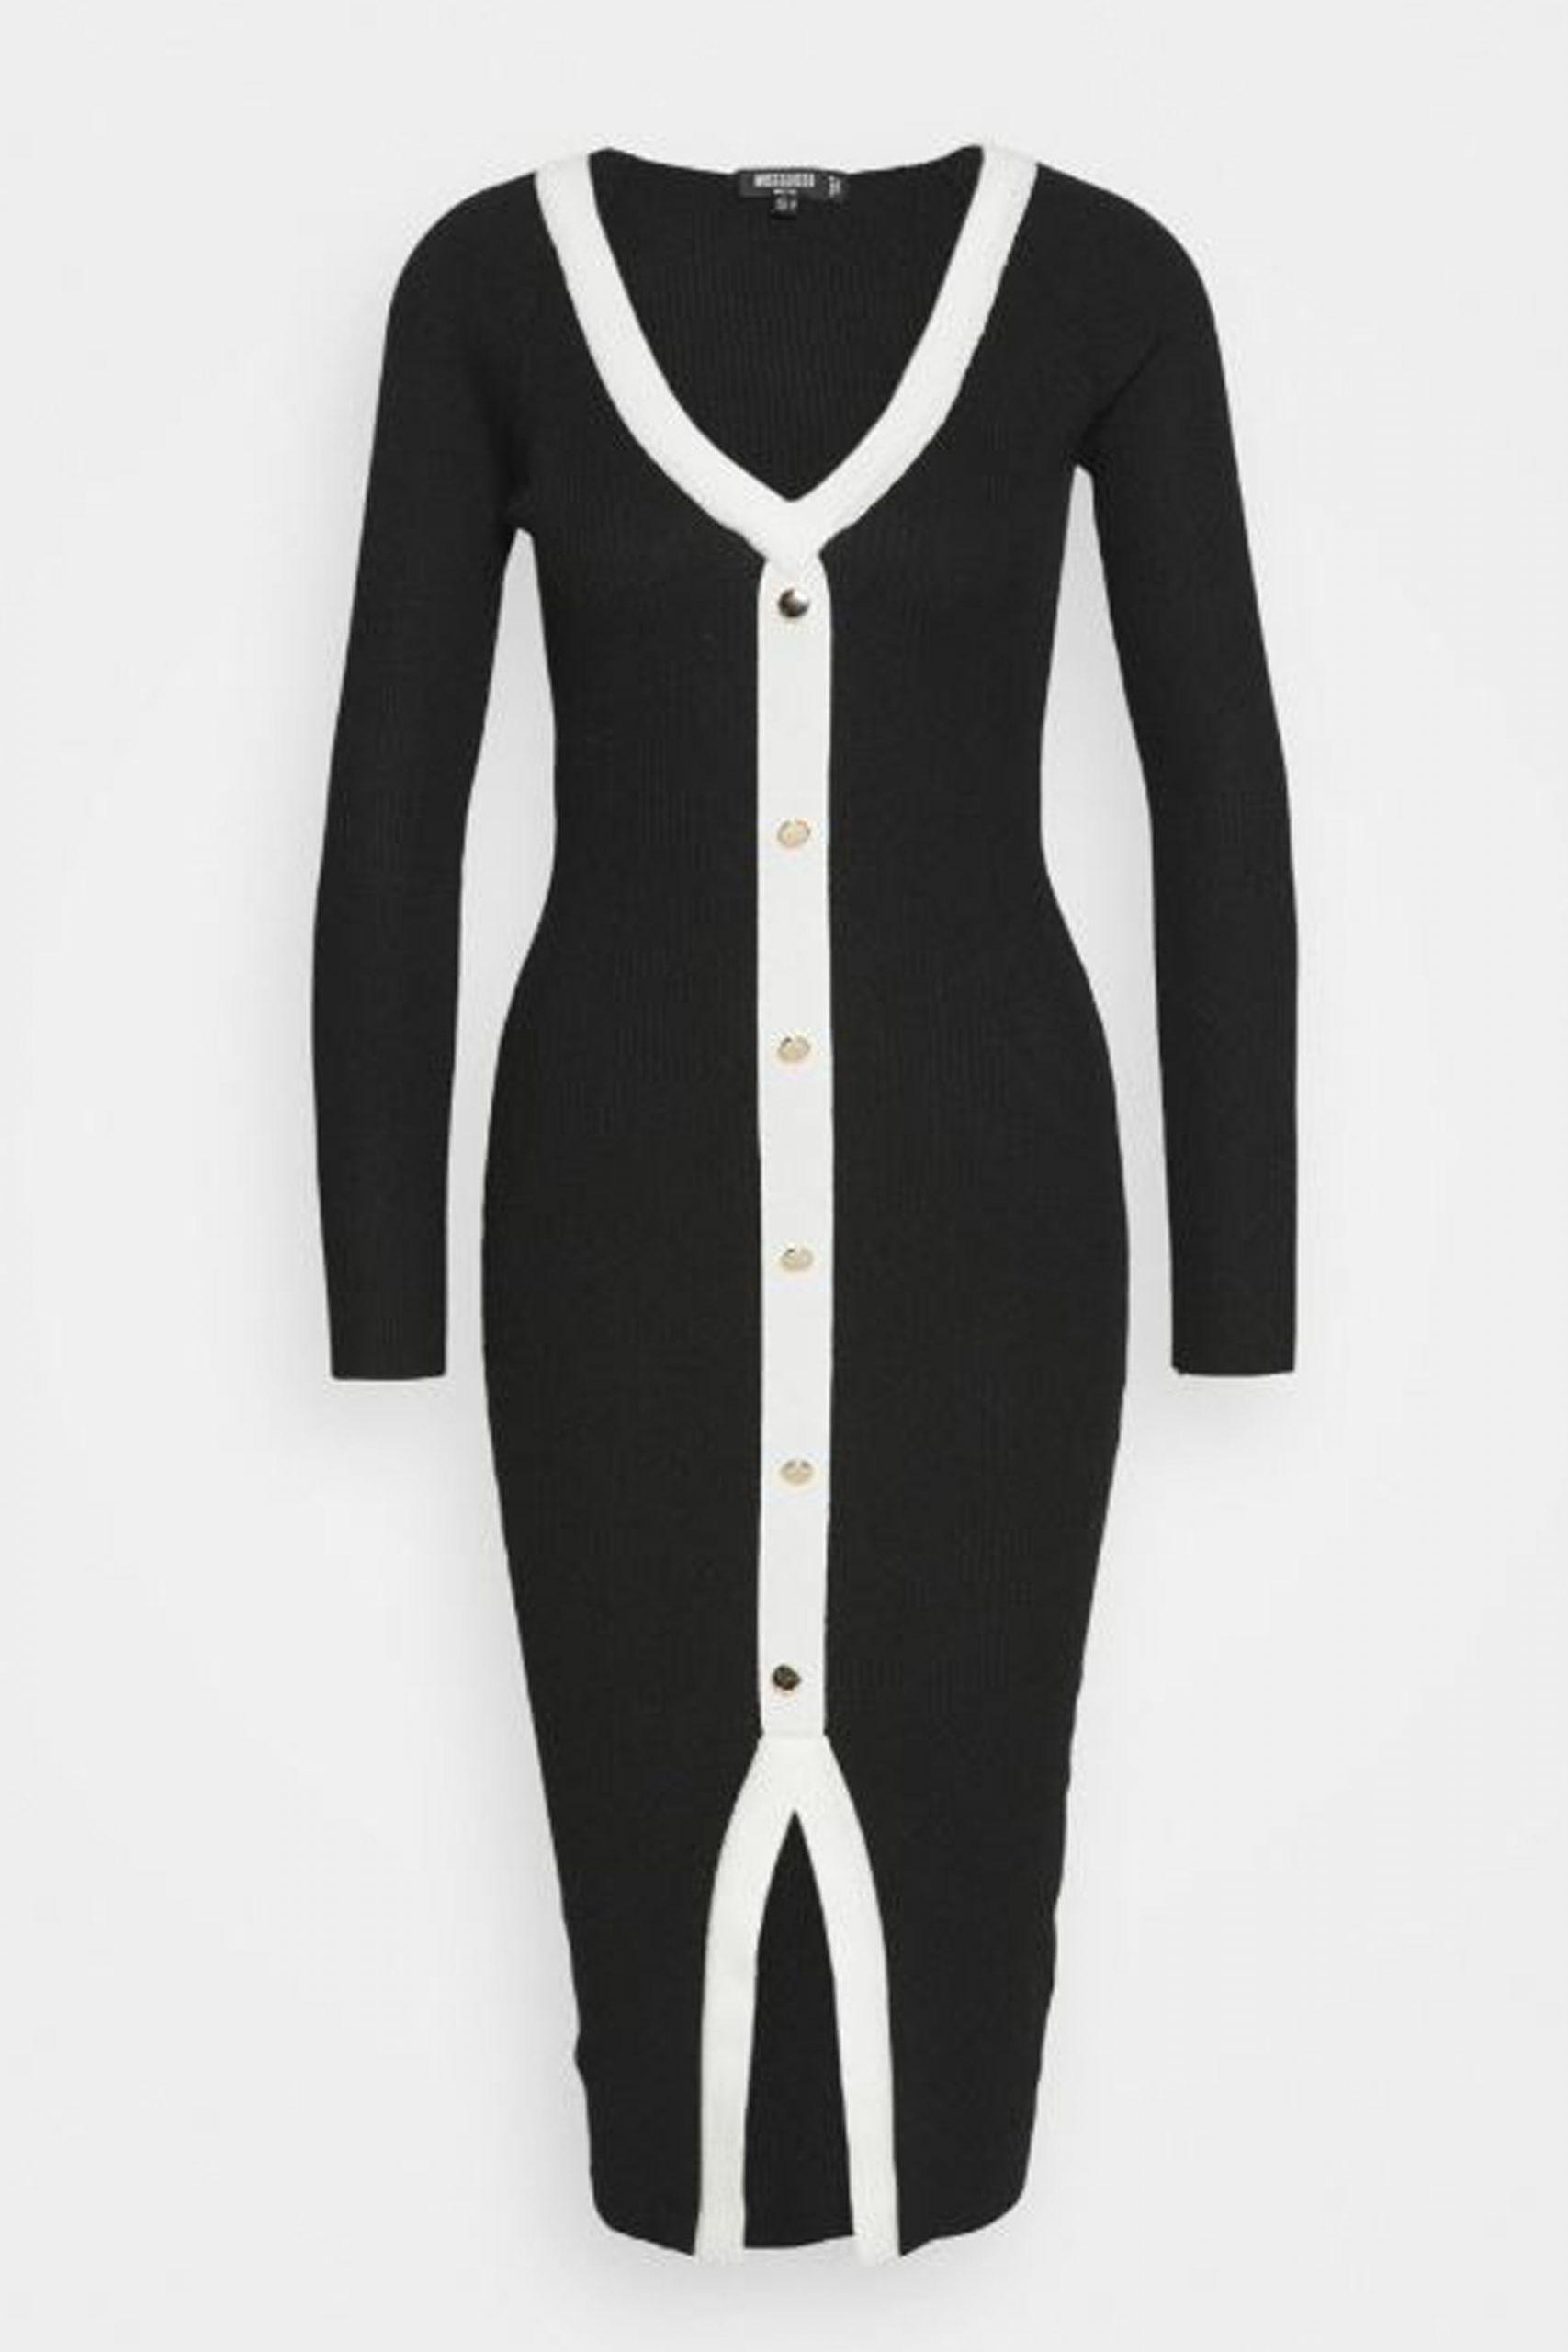 svart-vit-figurformad-elegant-klänning-zalando